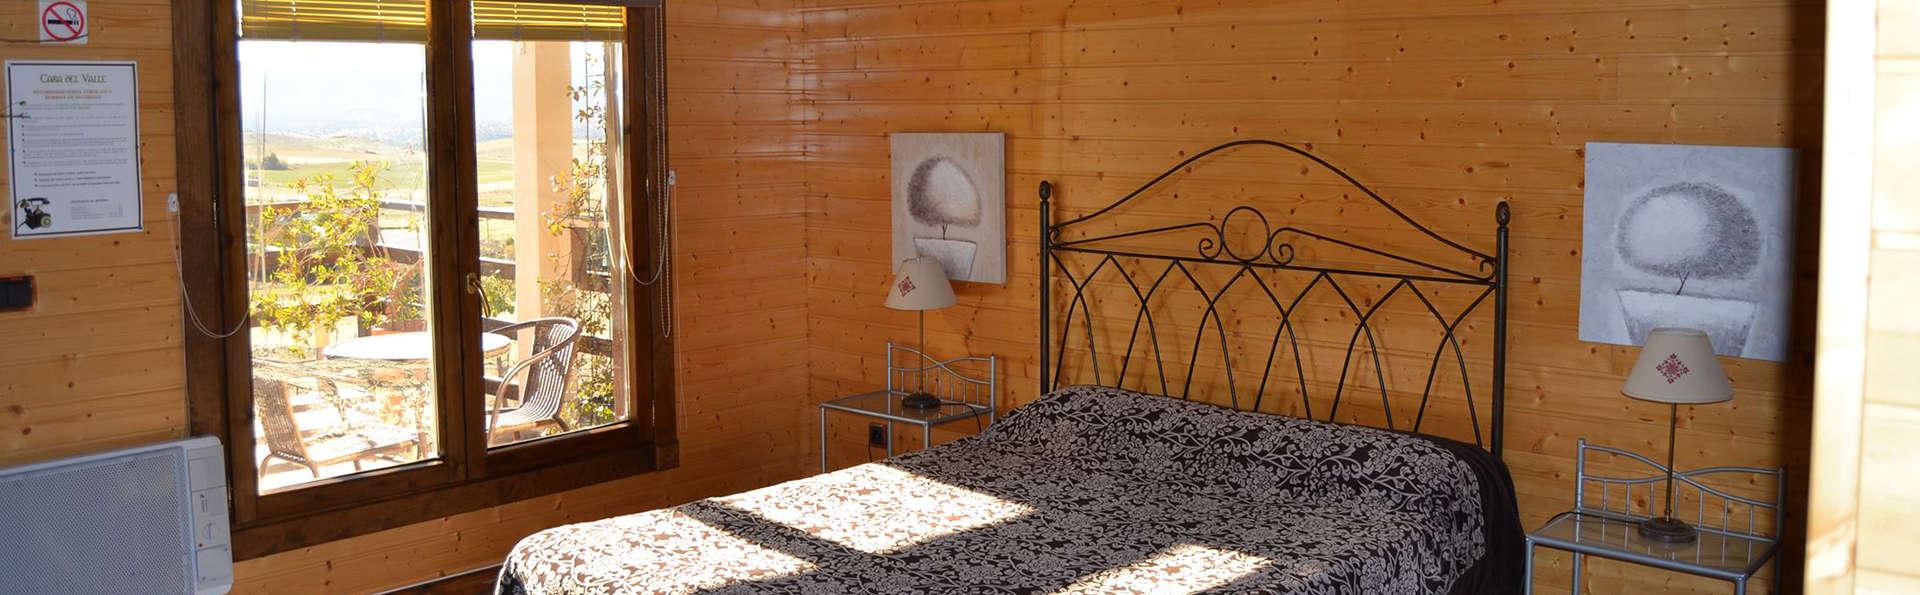 Casa del Valle Hotel Rural - Edit_Room5.jpg